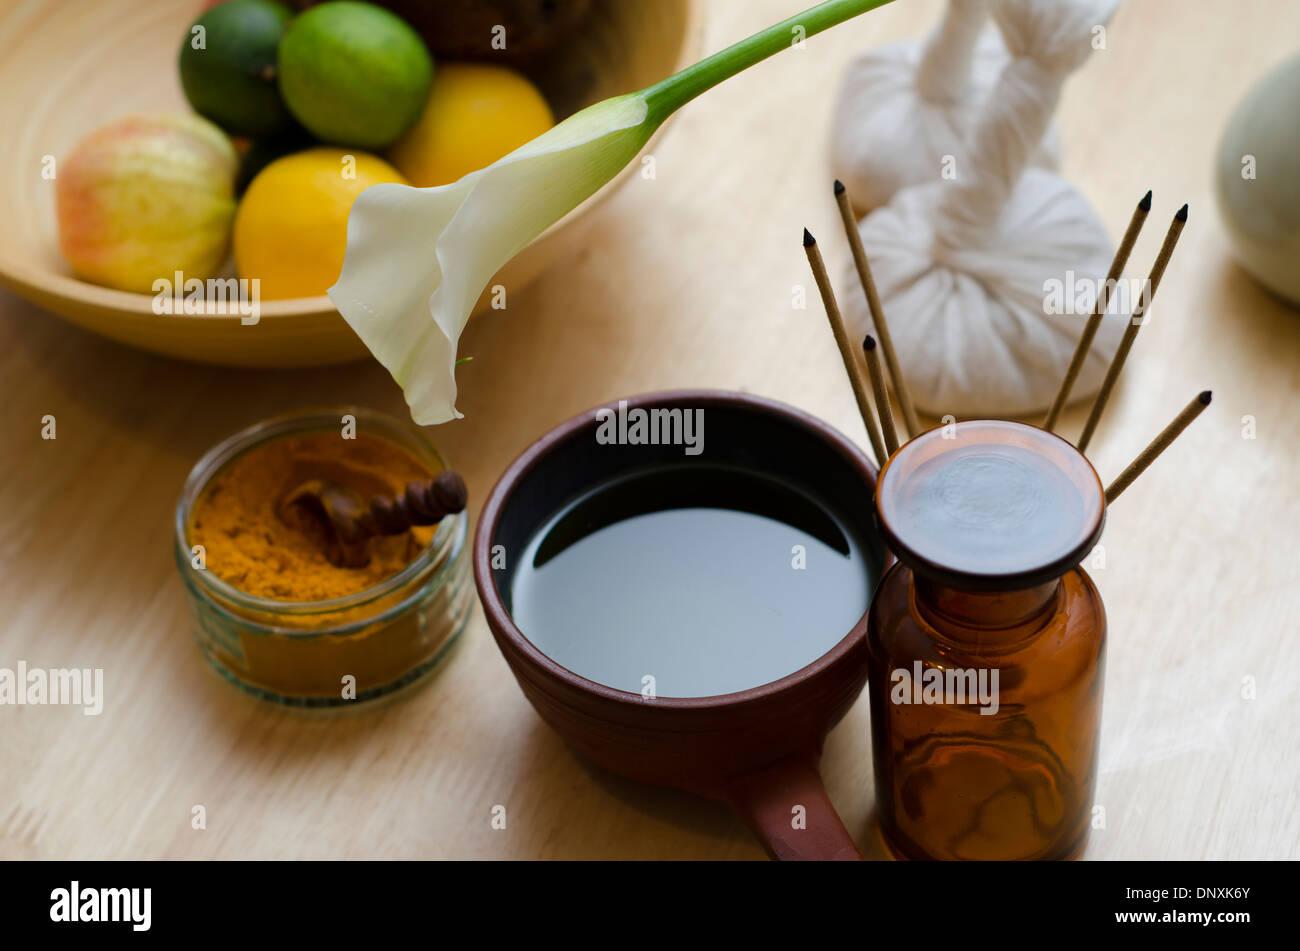 Una disposizione del piano del banco di ayurveda di curcuma spezie, olio e strumenti di massaggio e un esotico fiore utilizzato nel massaggio Ayurveda. Immagini Stock